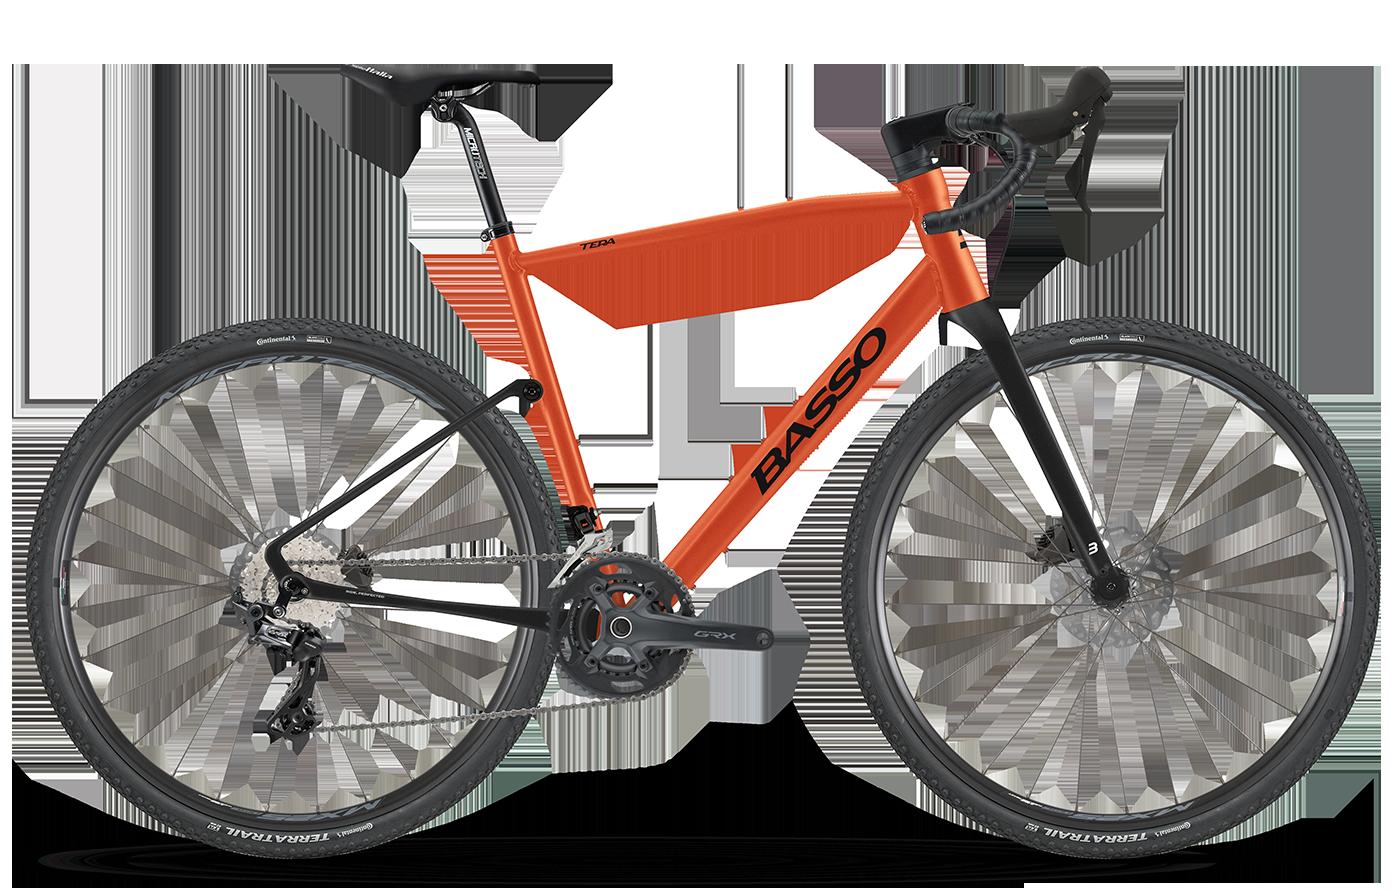 Basso_bike